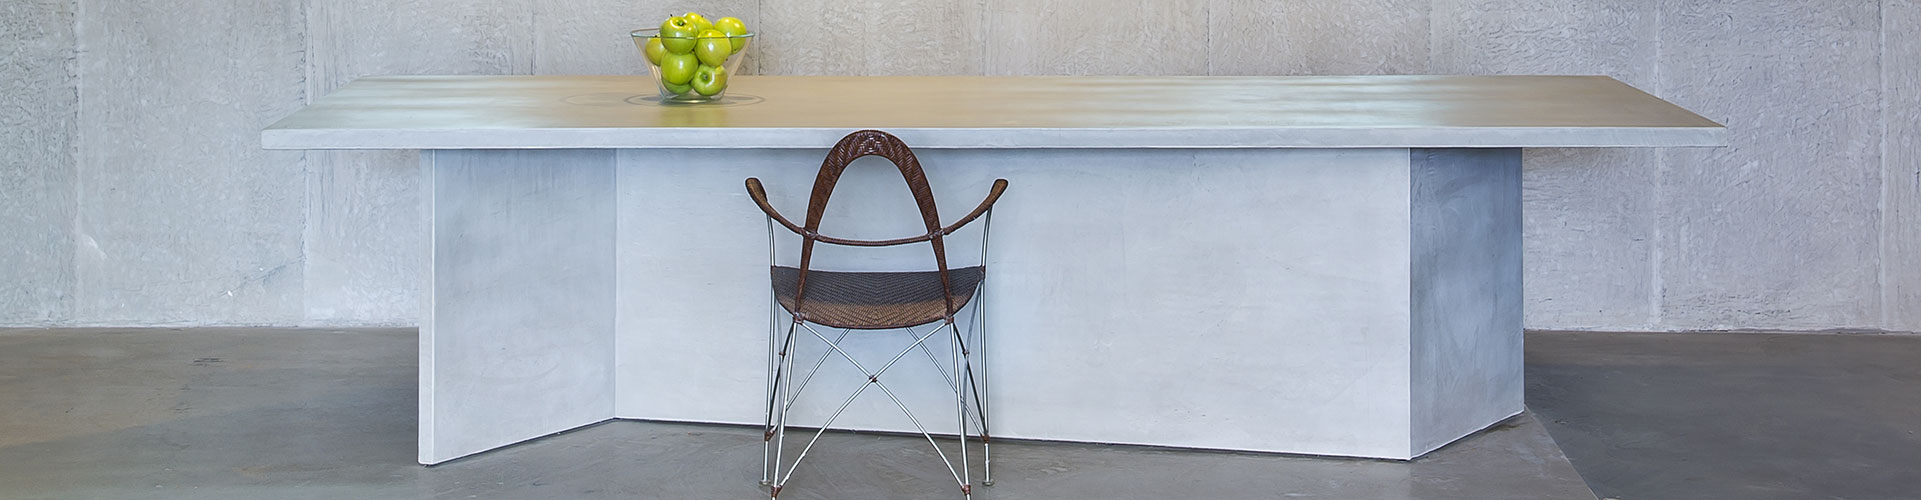 שולחן בטון למטבח